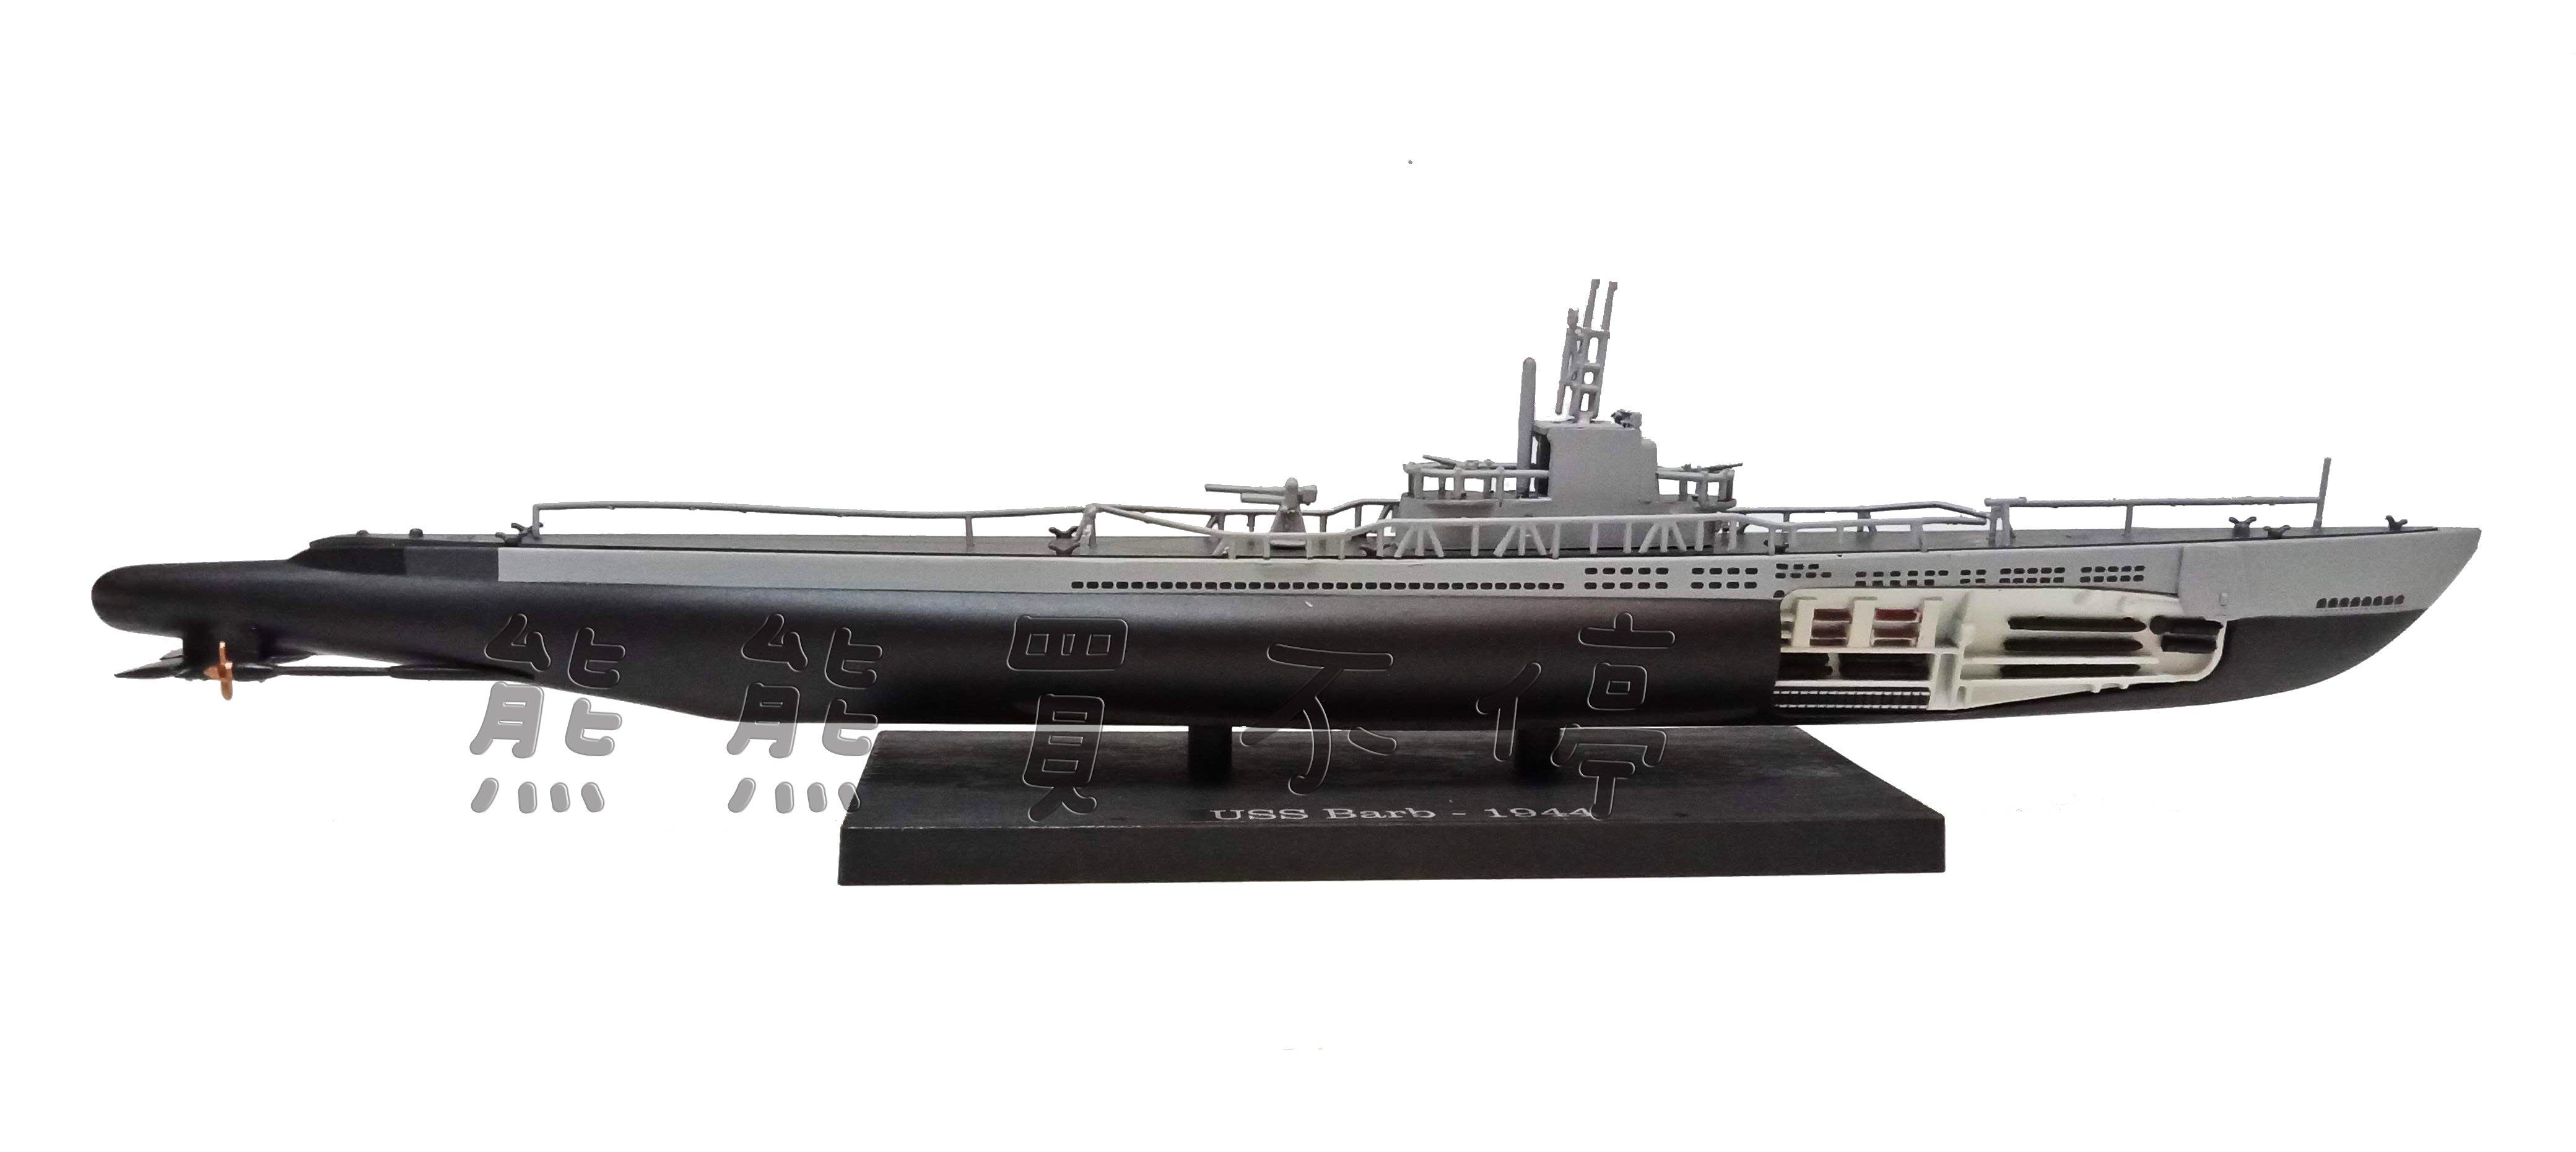 [在台現貨]  二戰美國海軍 石首魚號 SS-220 Barb 貓鯊級潛艇 ALTAS 1:350 合金仿真軍艦模型